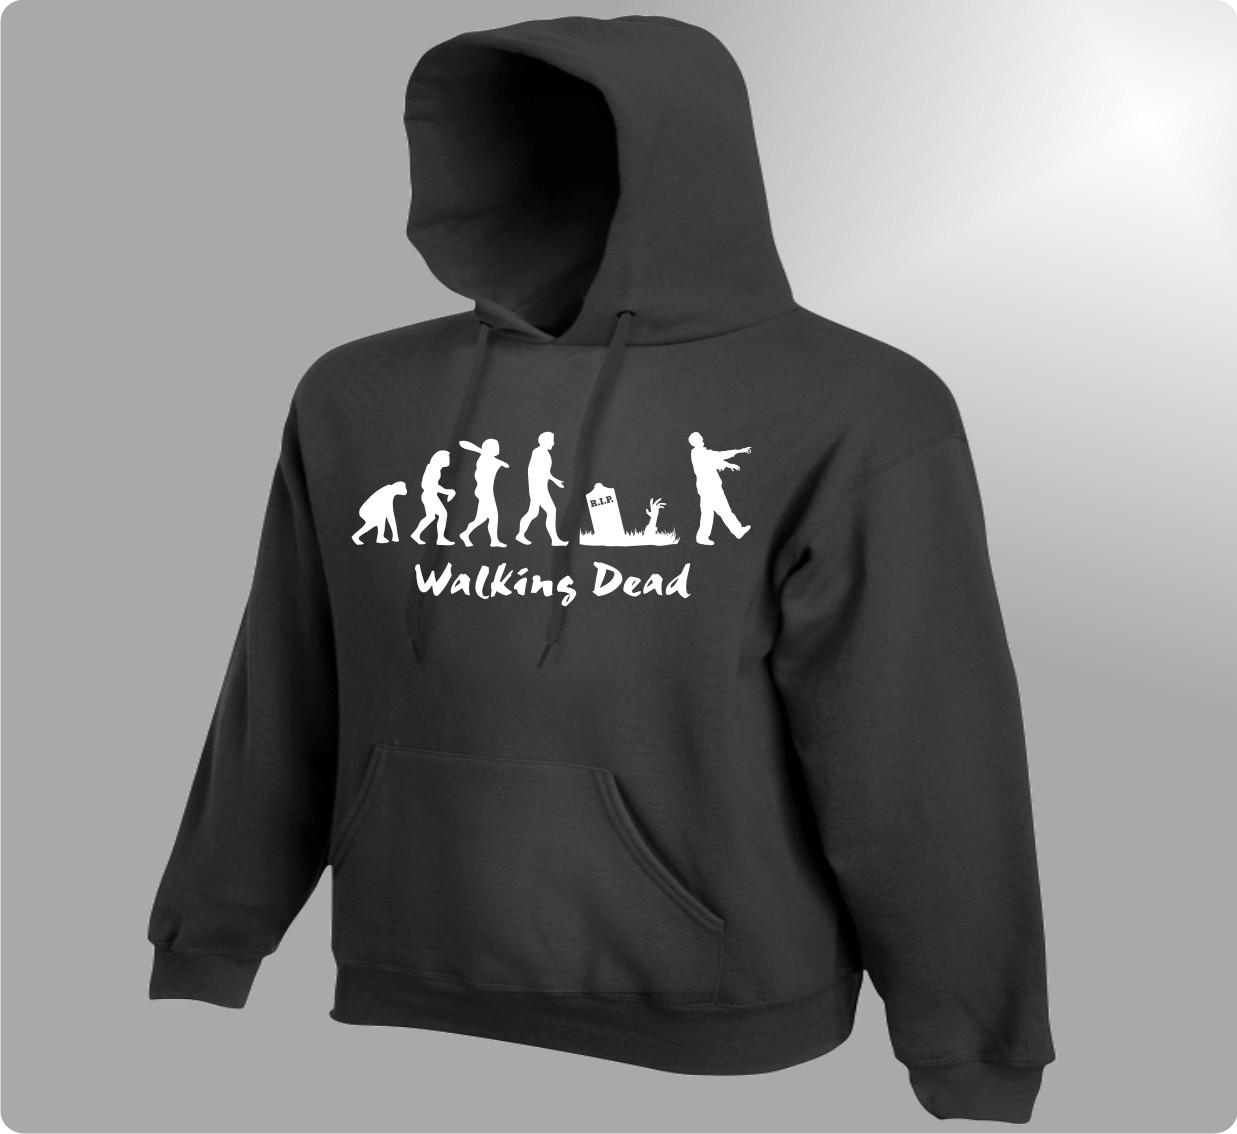 The_walking_dead_hoodie_galerie1.jpg